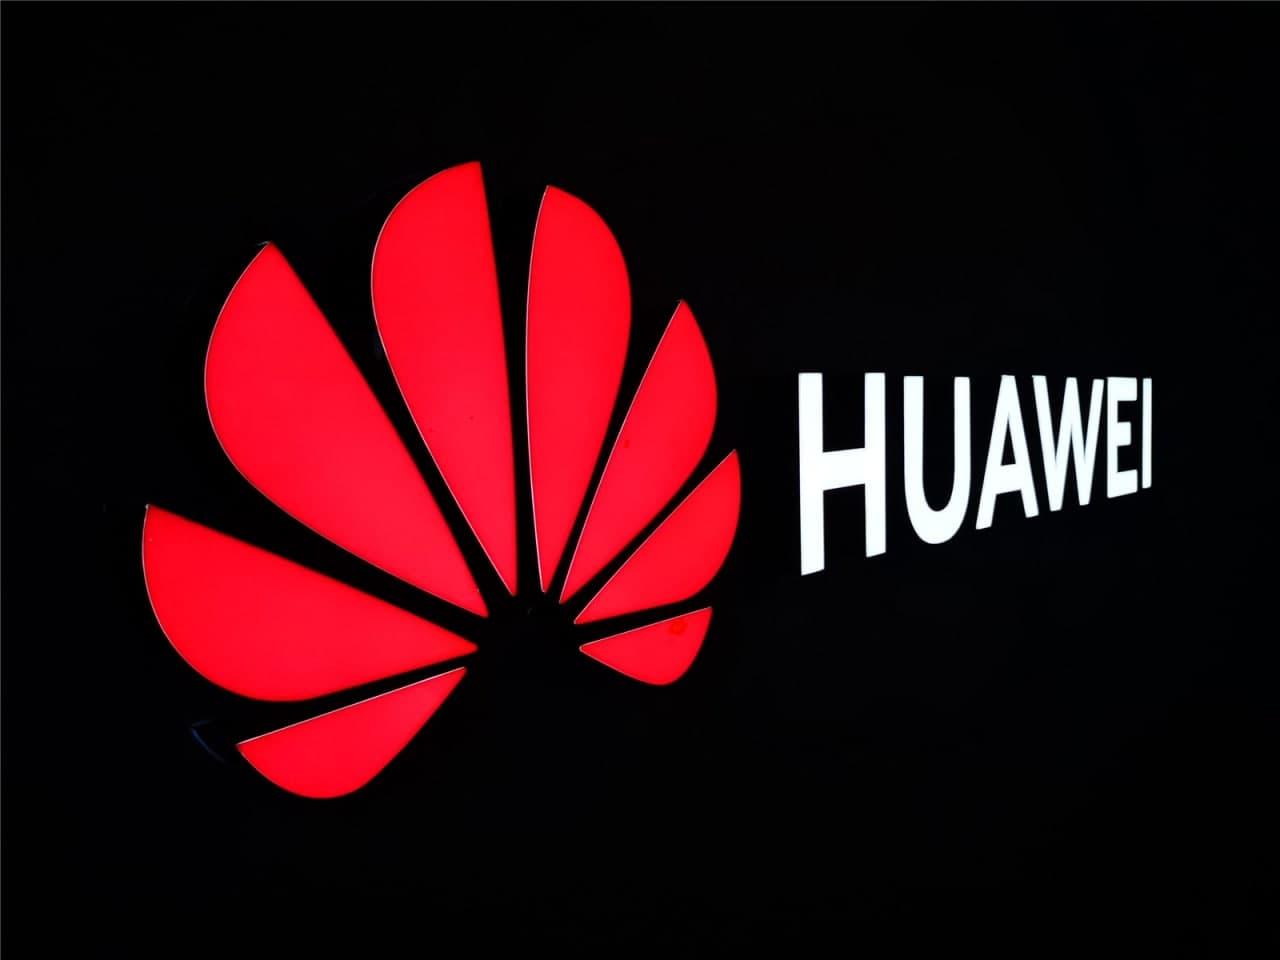 През първото тримесечие Huawei генерира приходи от 152,2 млрд. юана,